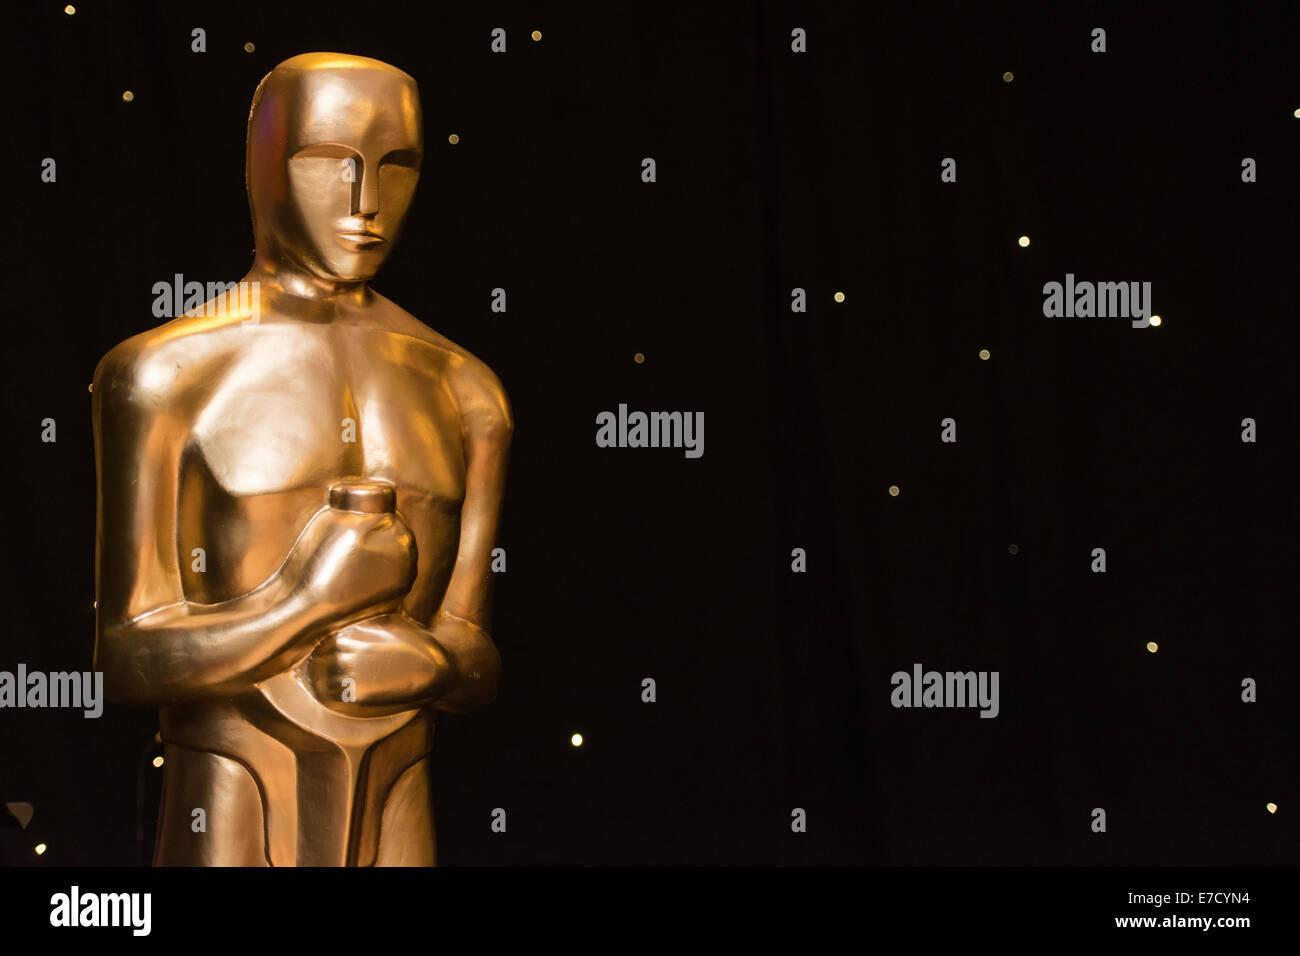 Una estatua con la semejanza de la estatuilla del Premio de la Academia / Oscar en un evento de temática de Imagen De Stock